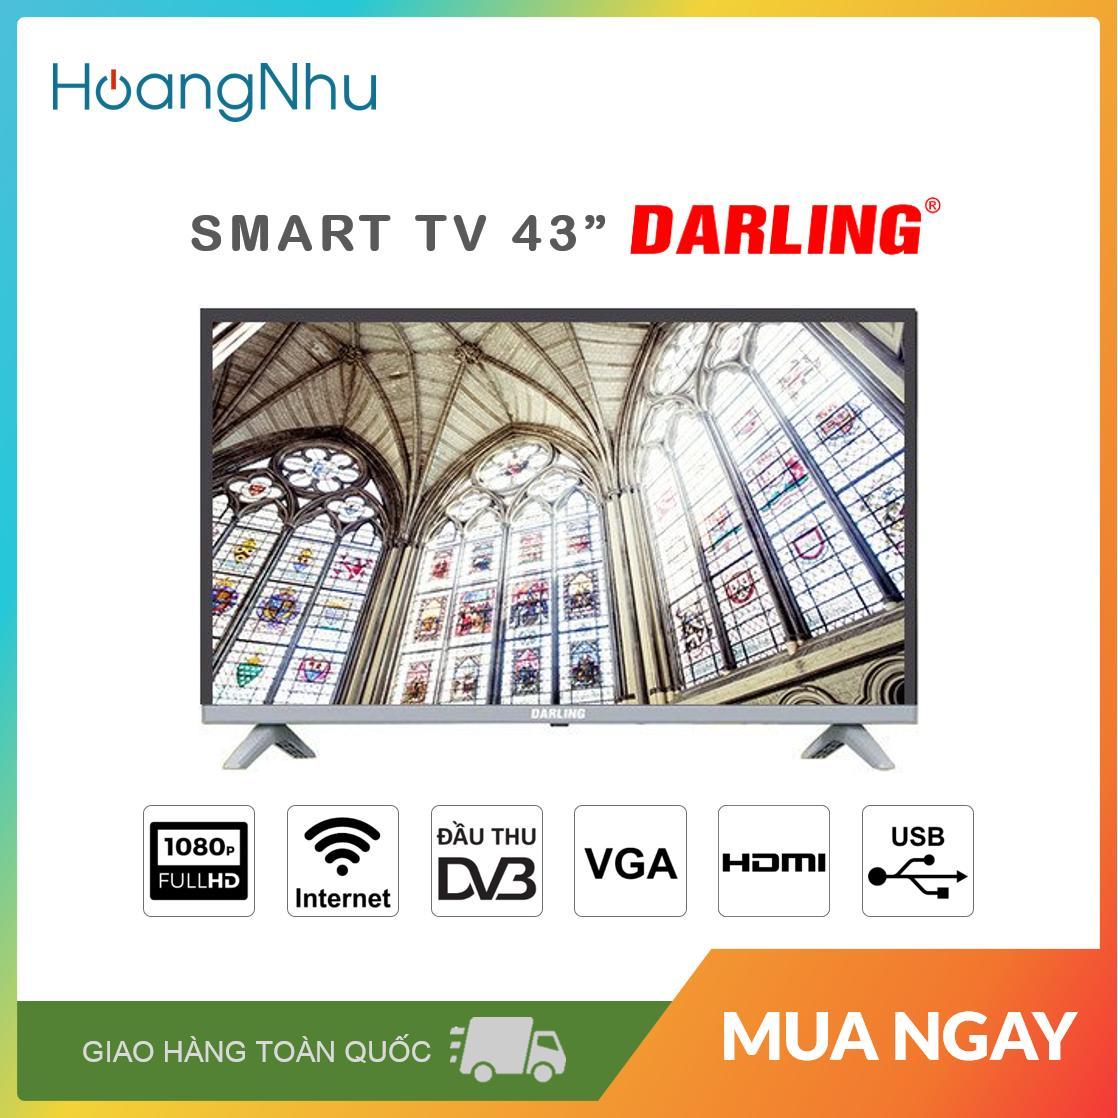 Bảng giá Smart TV Darling 43 inch 43FH960S (Full HD, Hệ điều hành Android, Wifi, truyền hình KTS) - Bào hành toàn quốc 2 năm